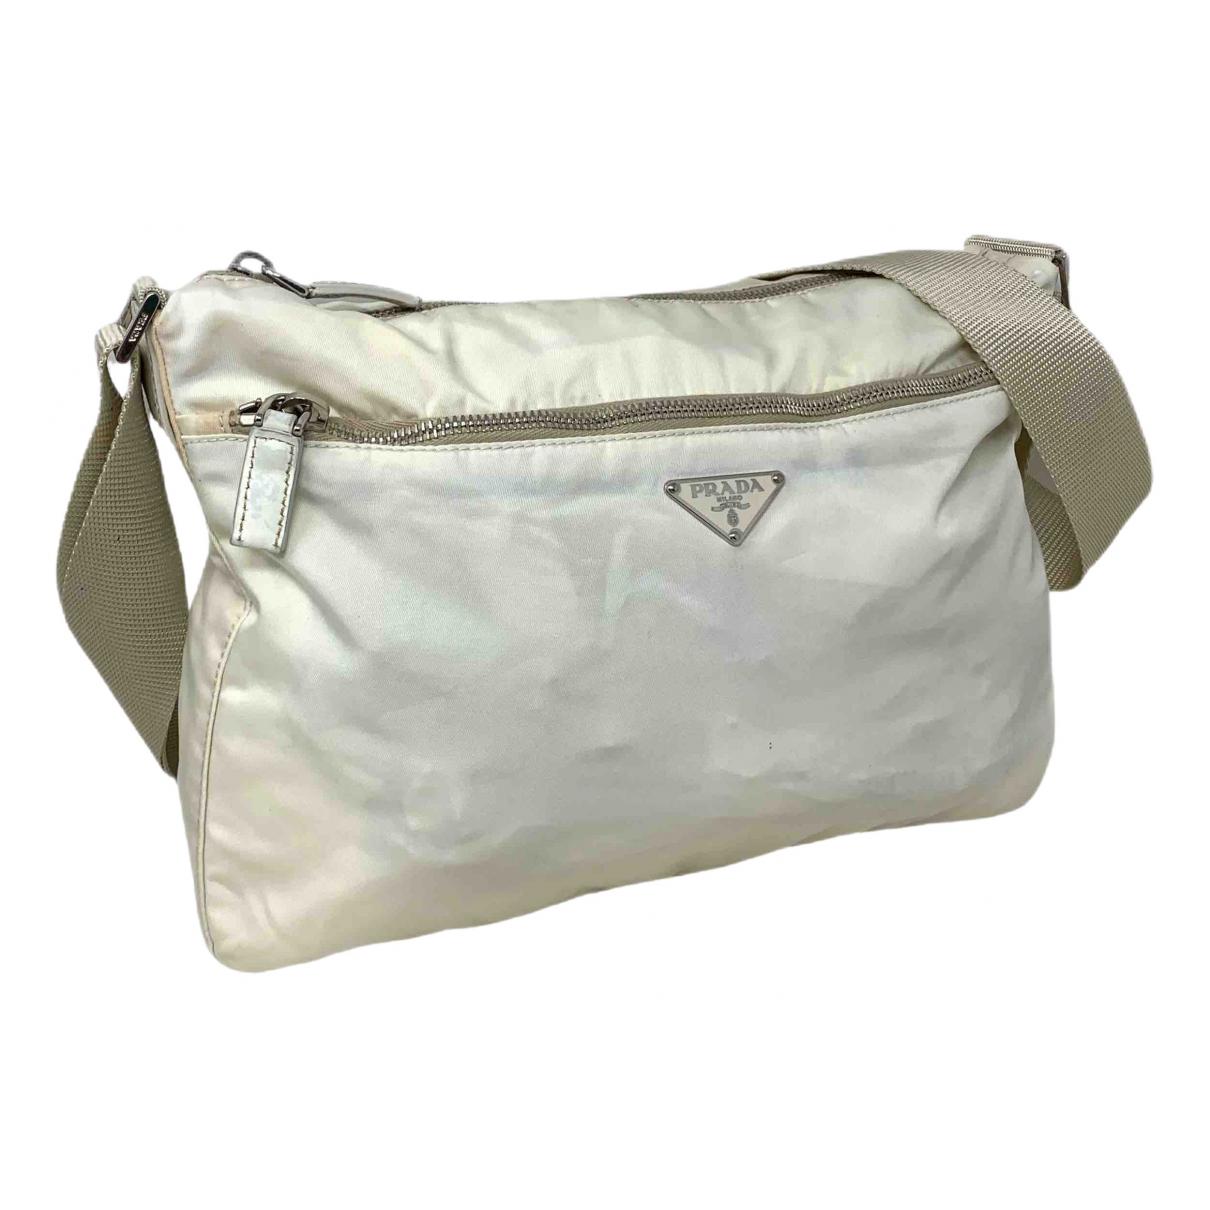 Prada \N Handtasche in  Weiss Leinen